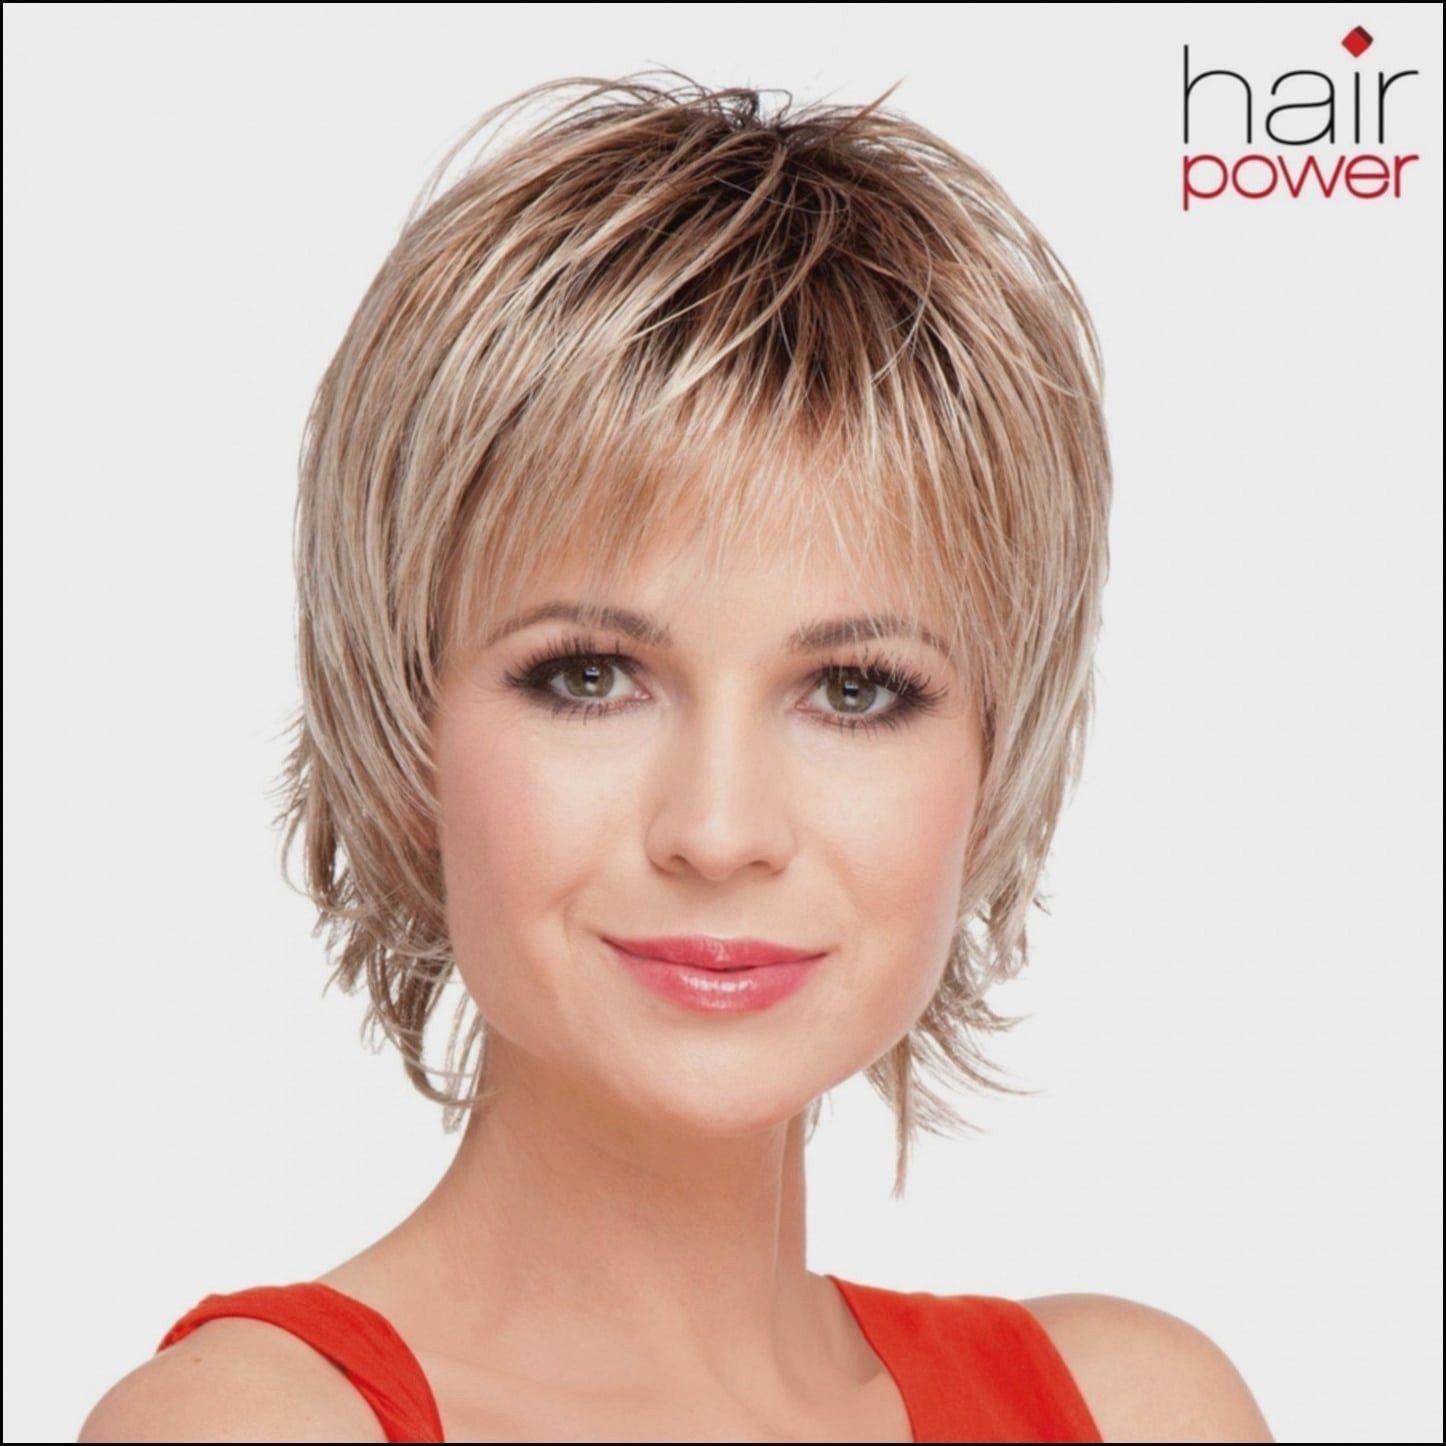 Frisuren Für Feines Dünnes Haar Ab 50 Elegant Neu Frisuren